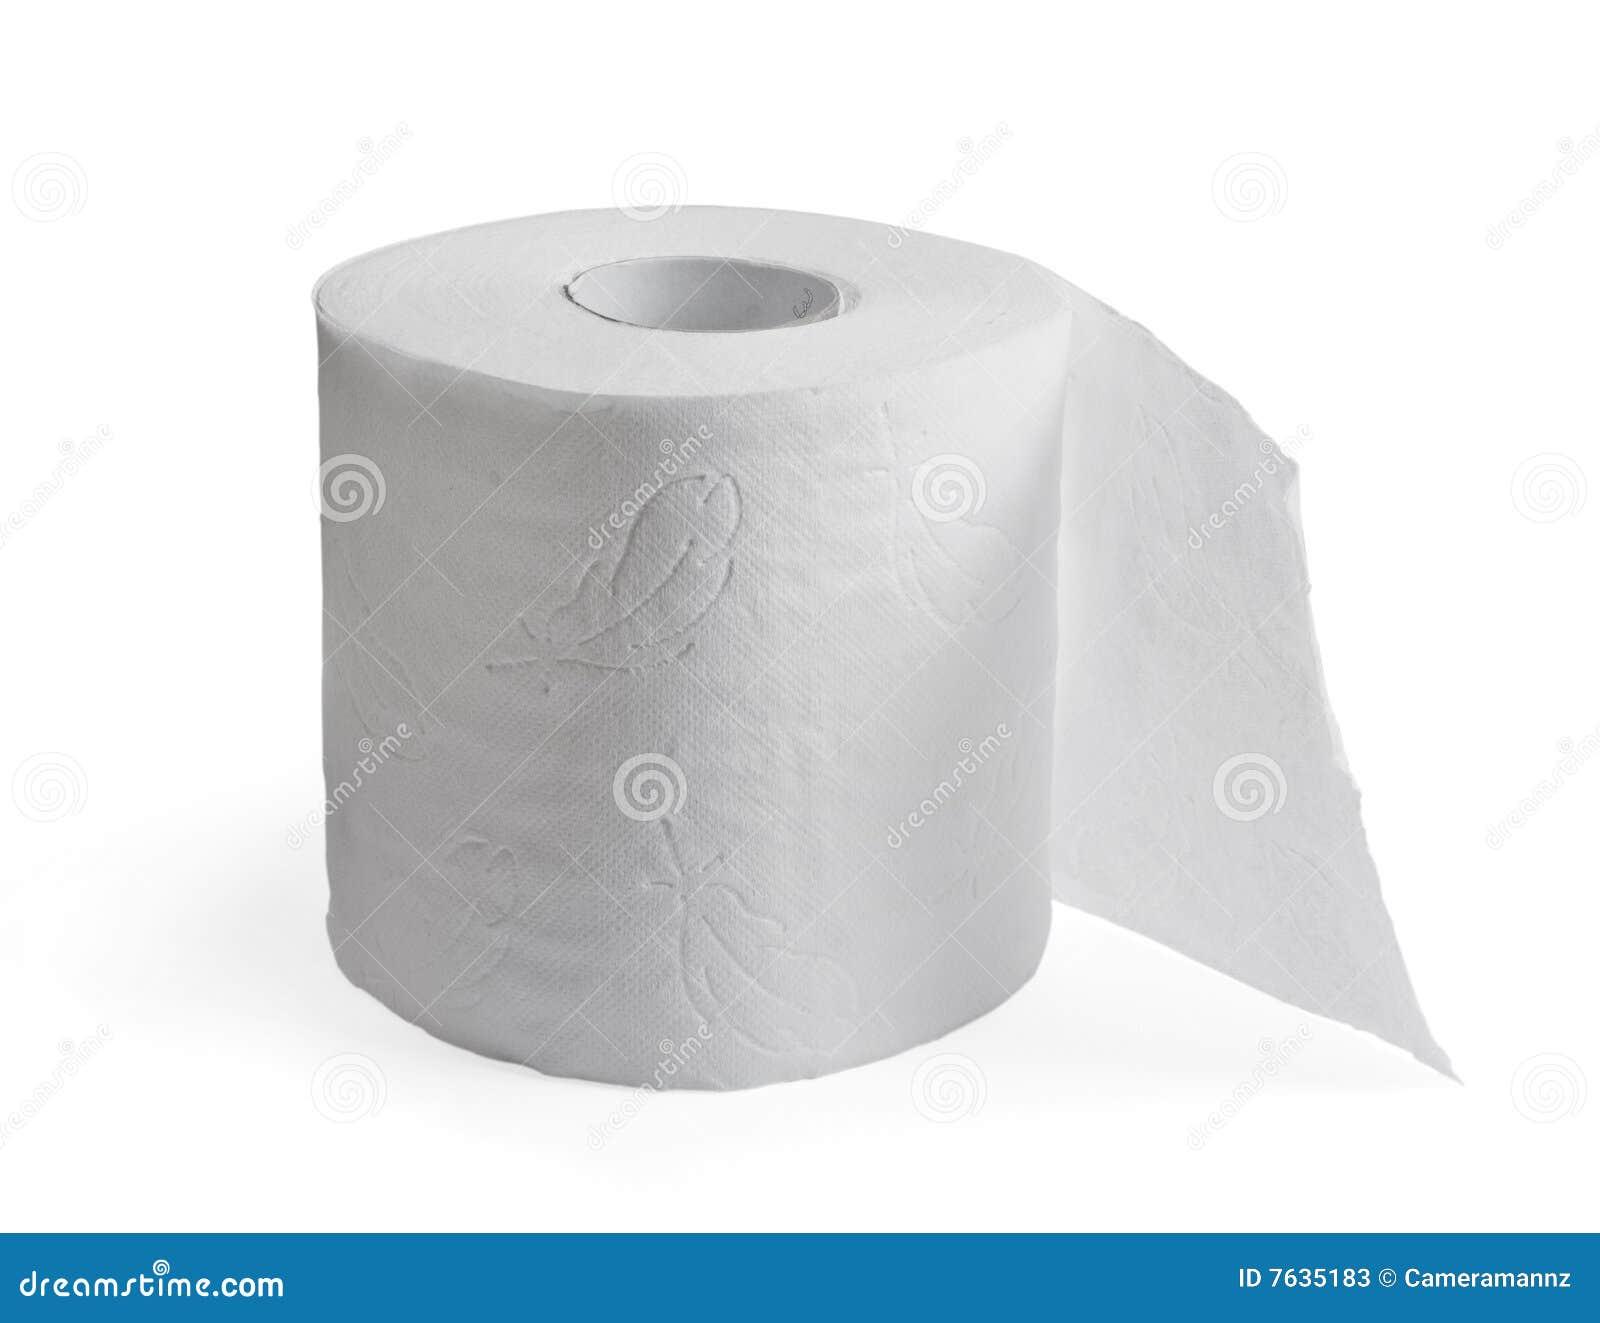 animali con tubi di carta igienica: garland repurpose re use ... - Animali Con Tubi Di Carta Igienica